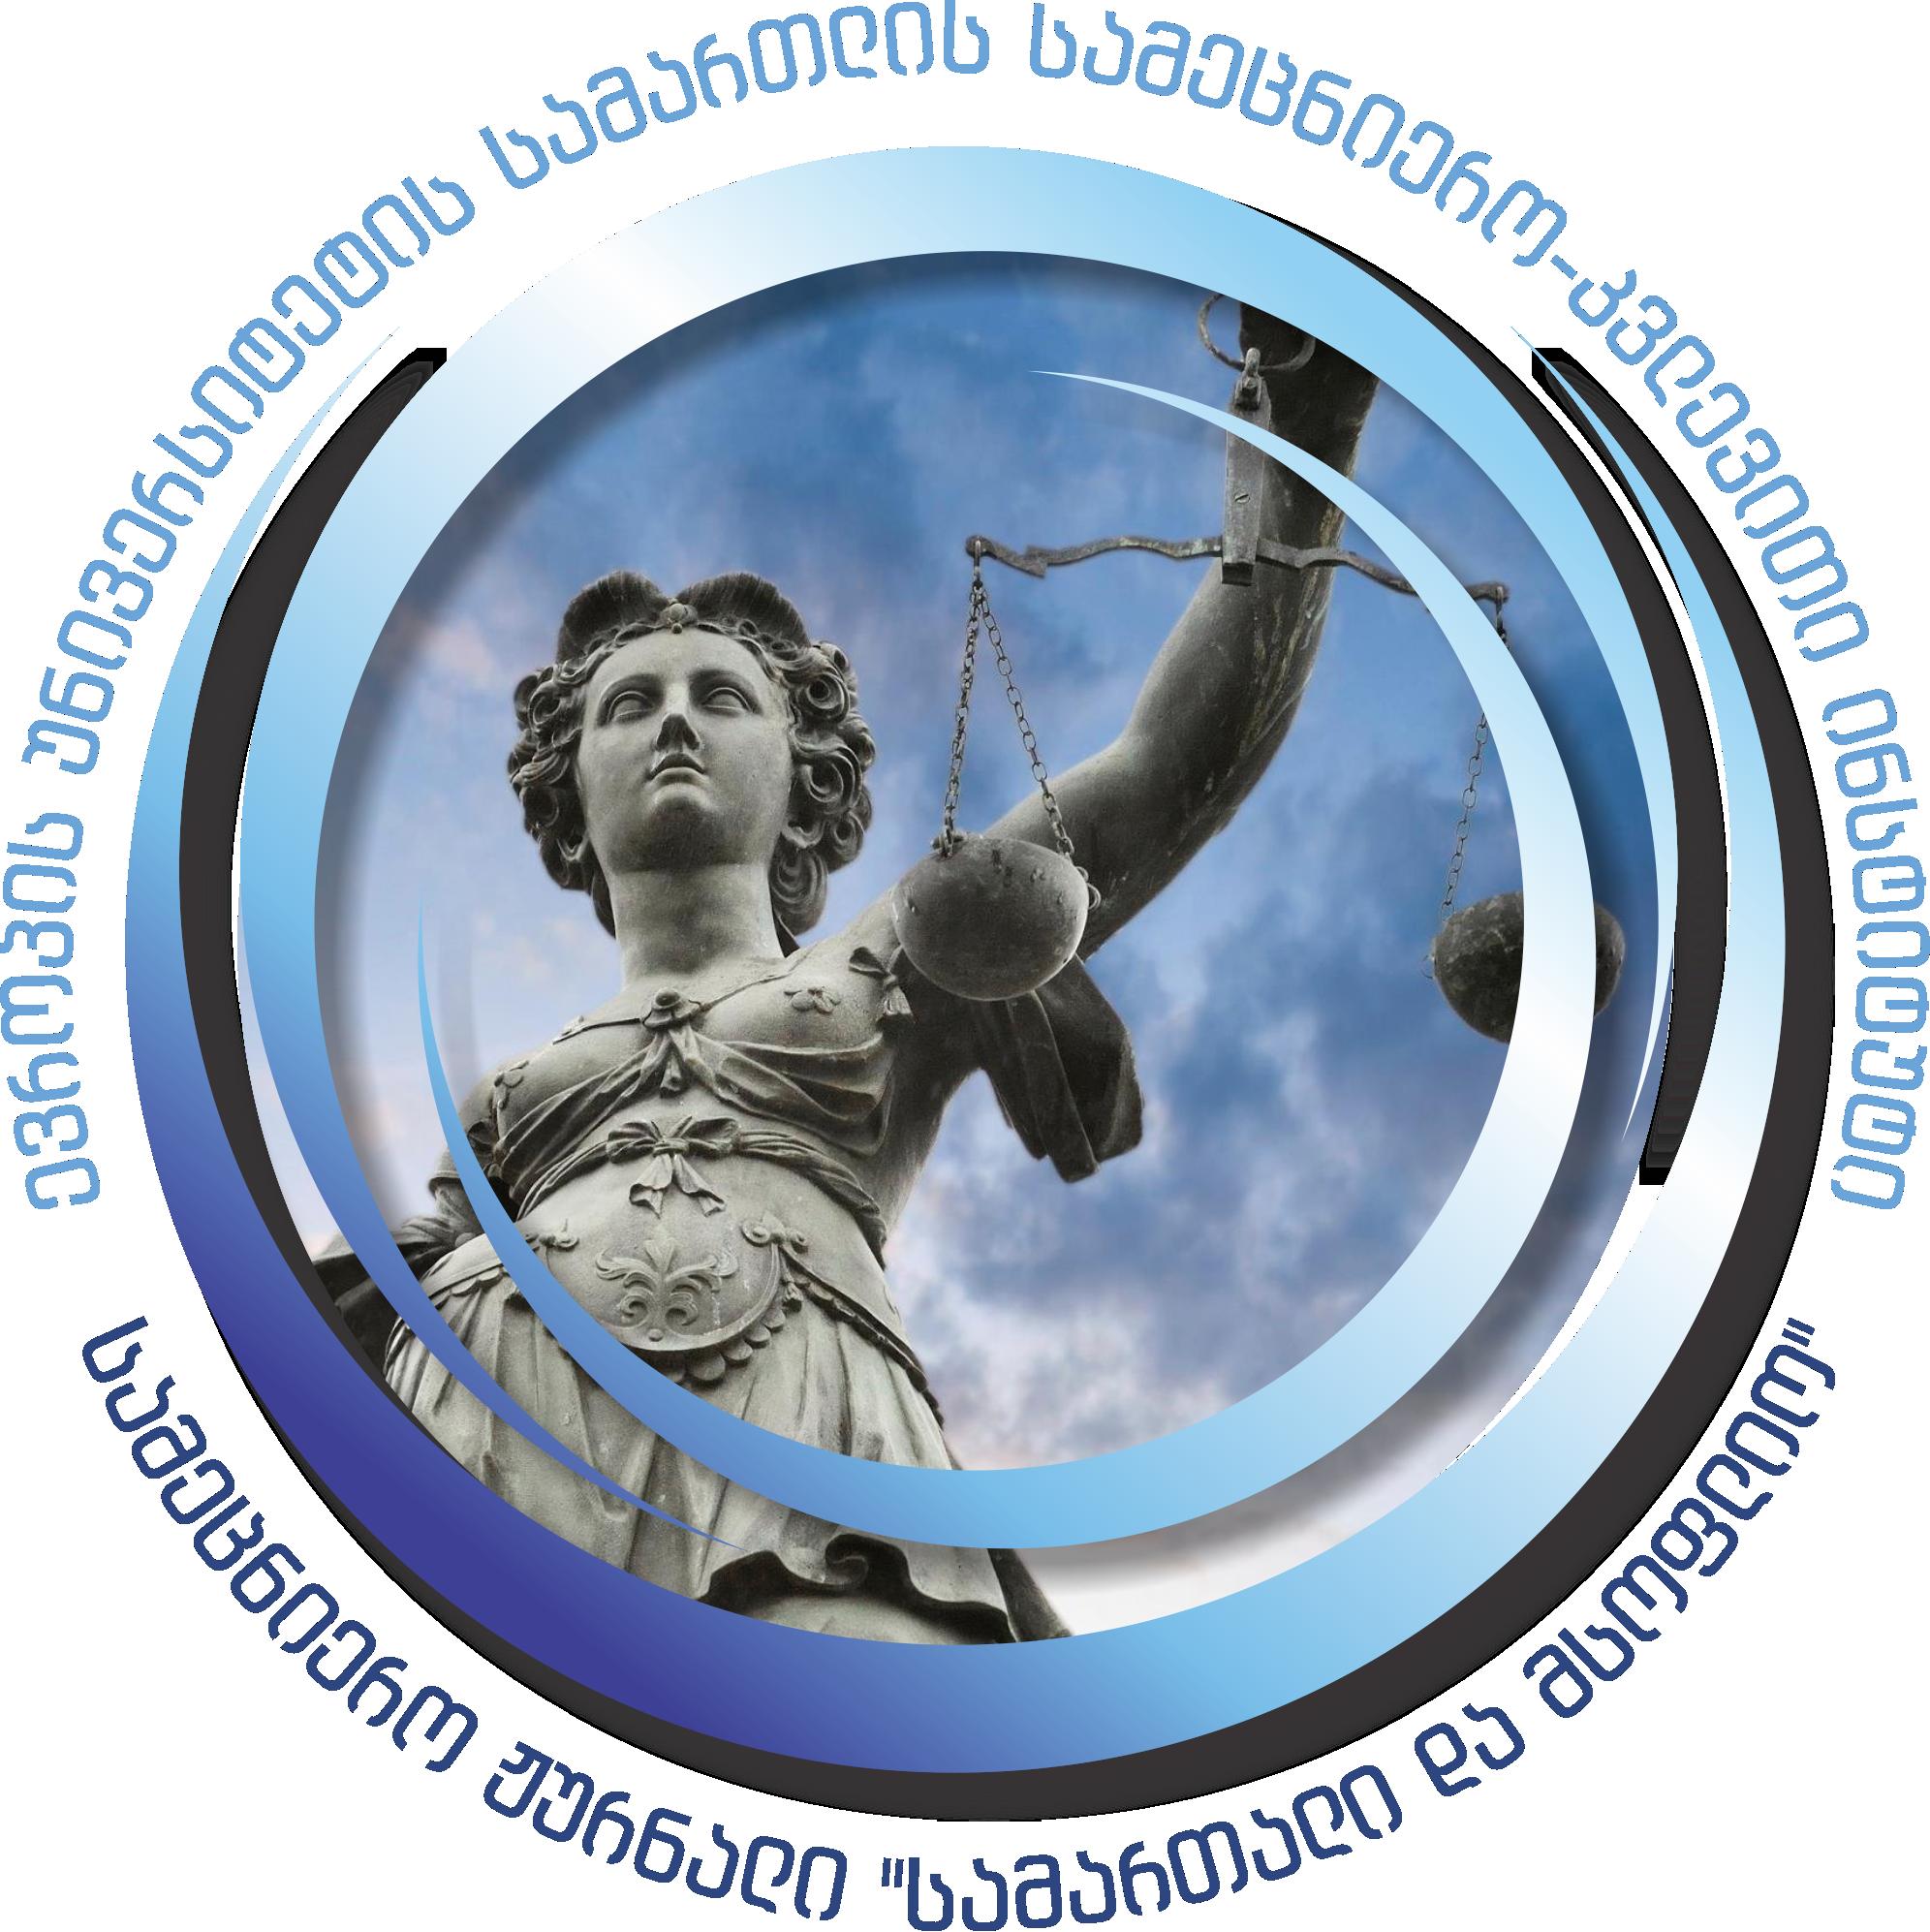 სამართალი და მსოფლიო